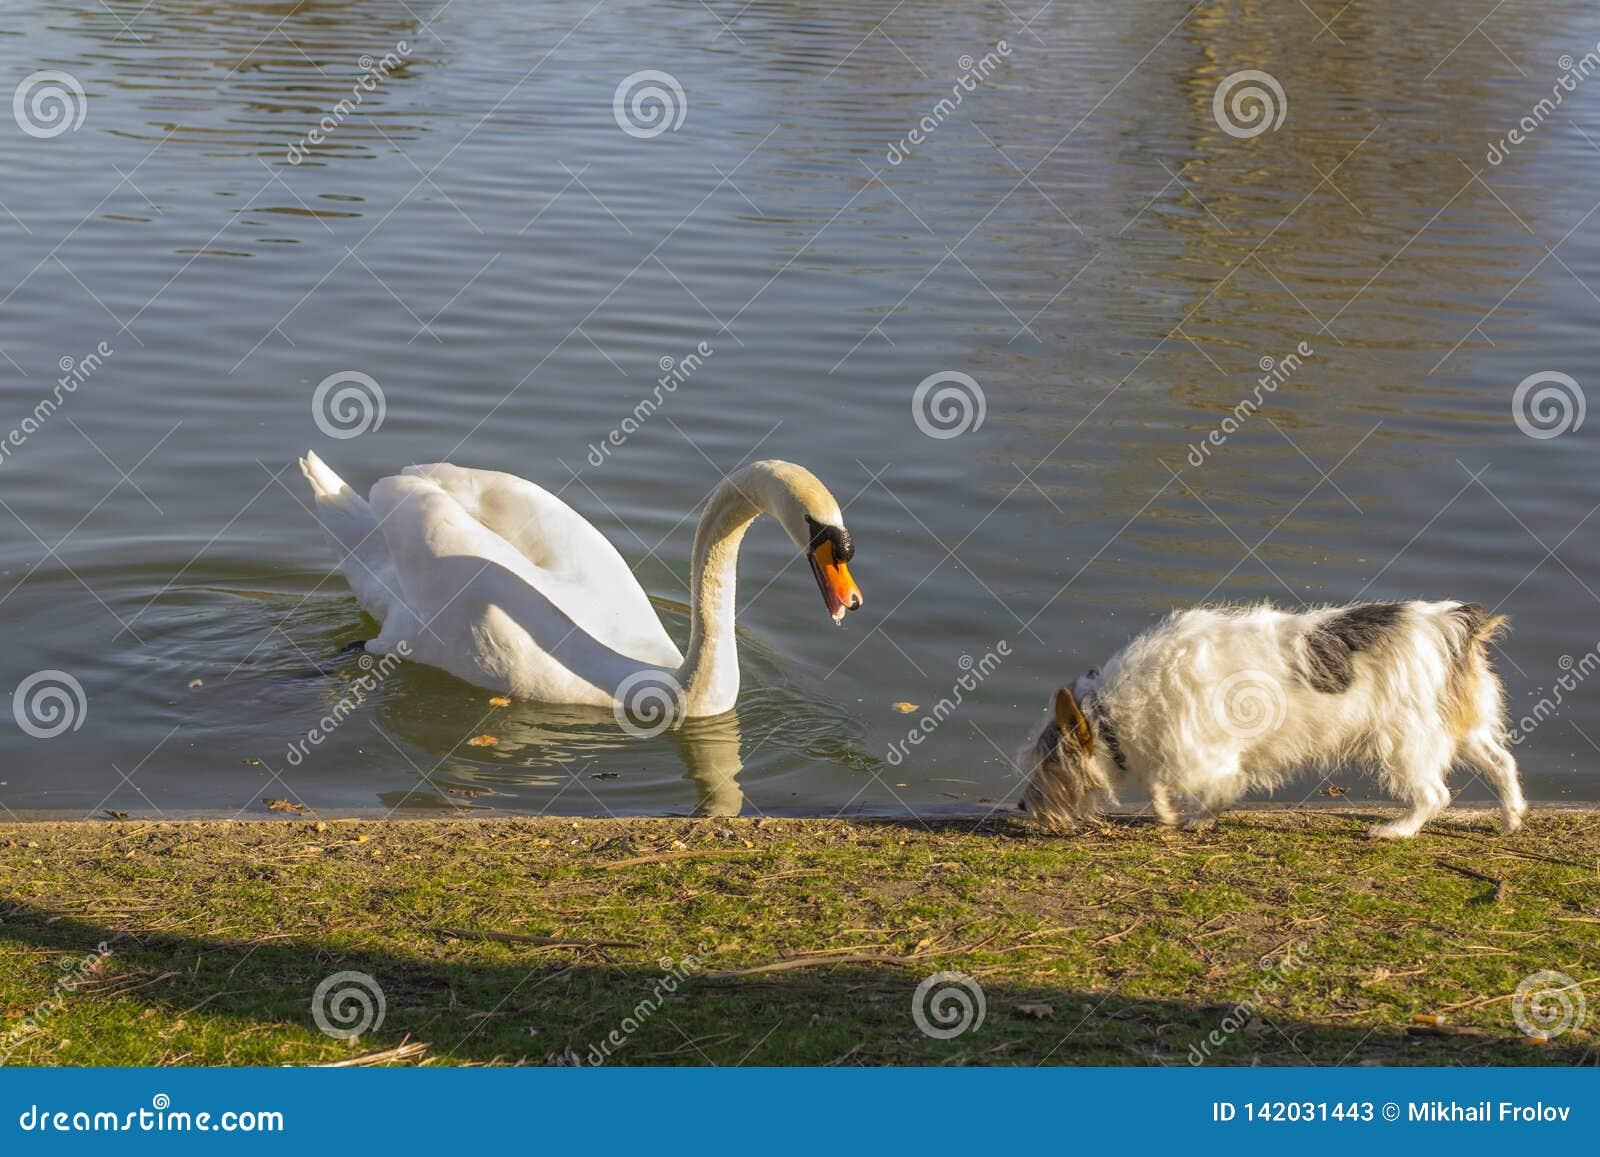 Κύκνος και σκυλί Κύκνος στη λίμνη και το σκυλί στην ακτή Κύκνος και σκυλί που εξοικειώνονται